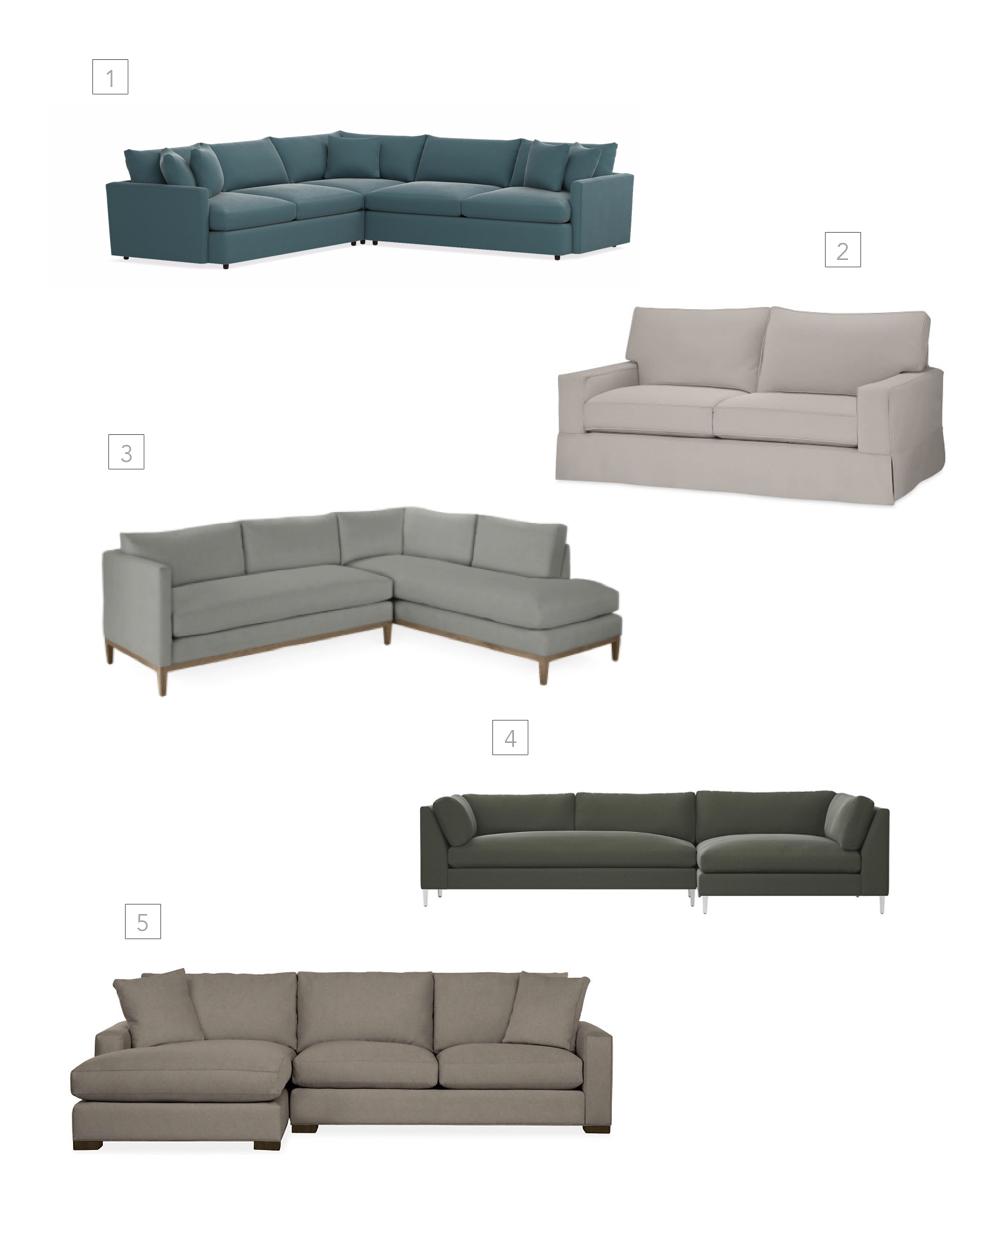 family friendly sofas.001.jpeg